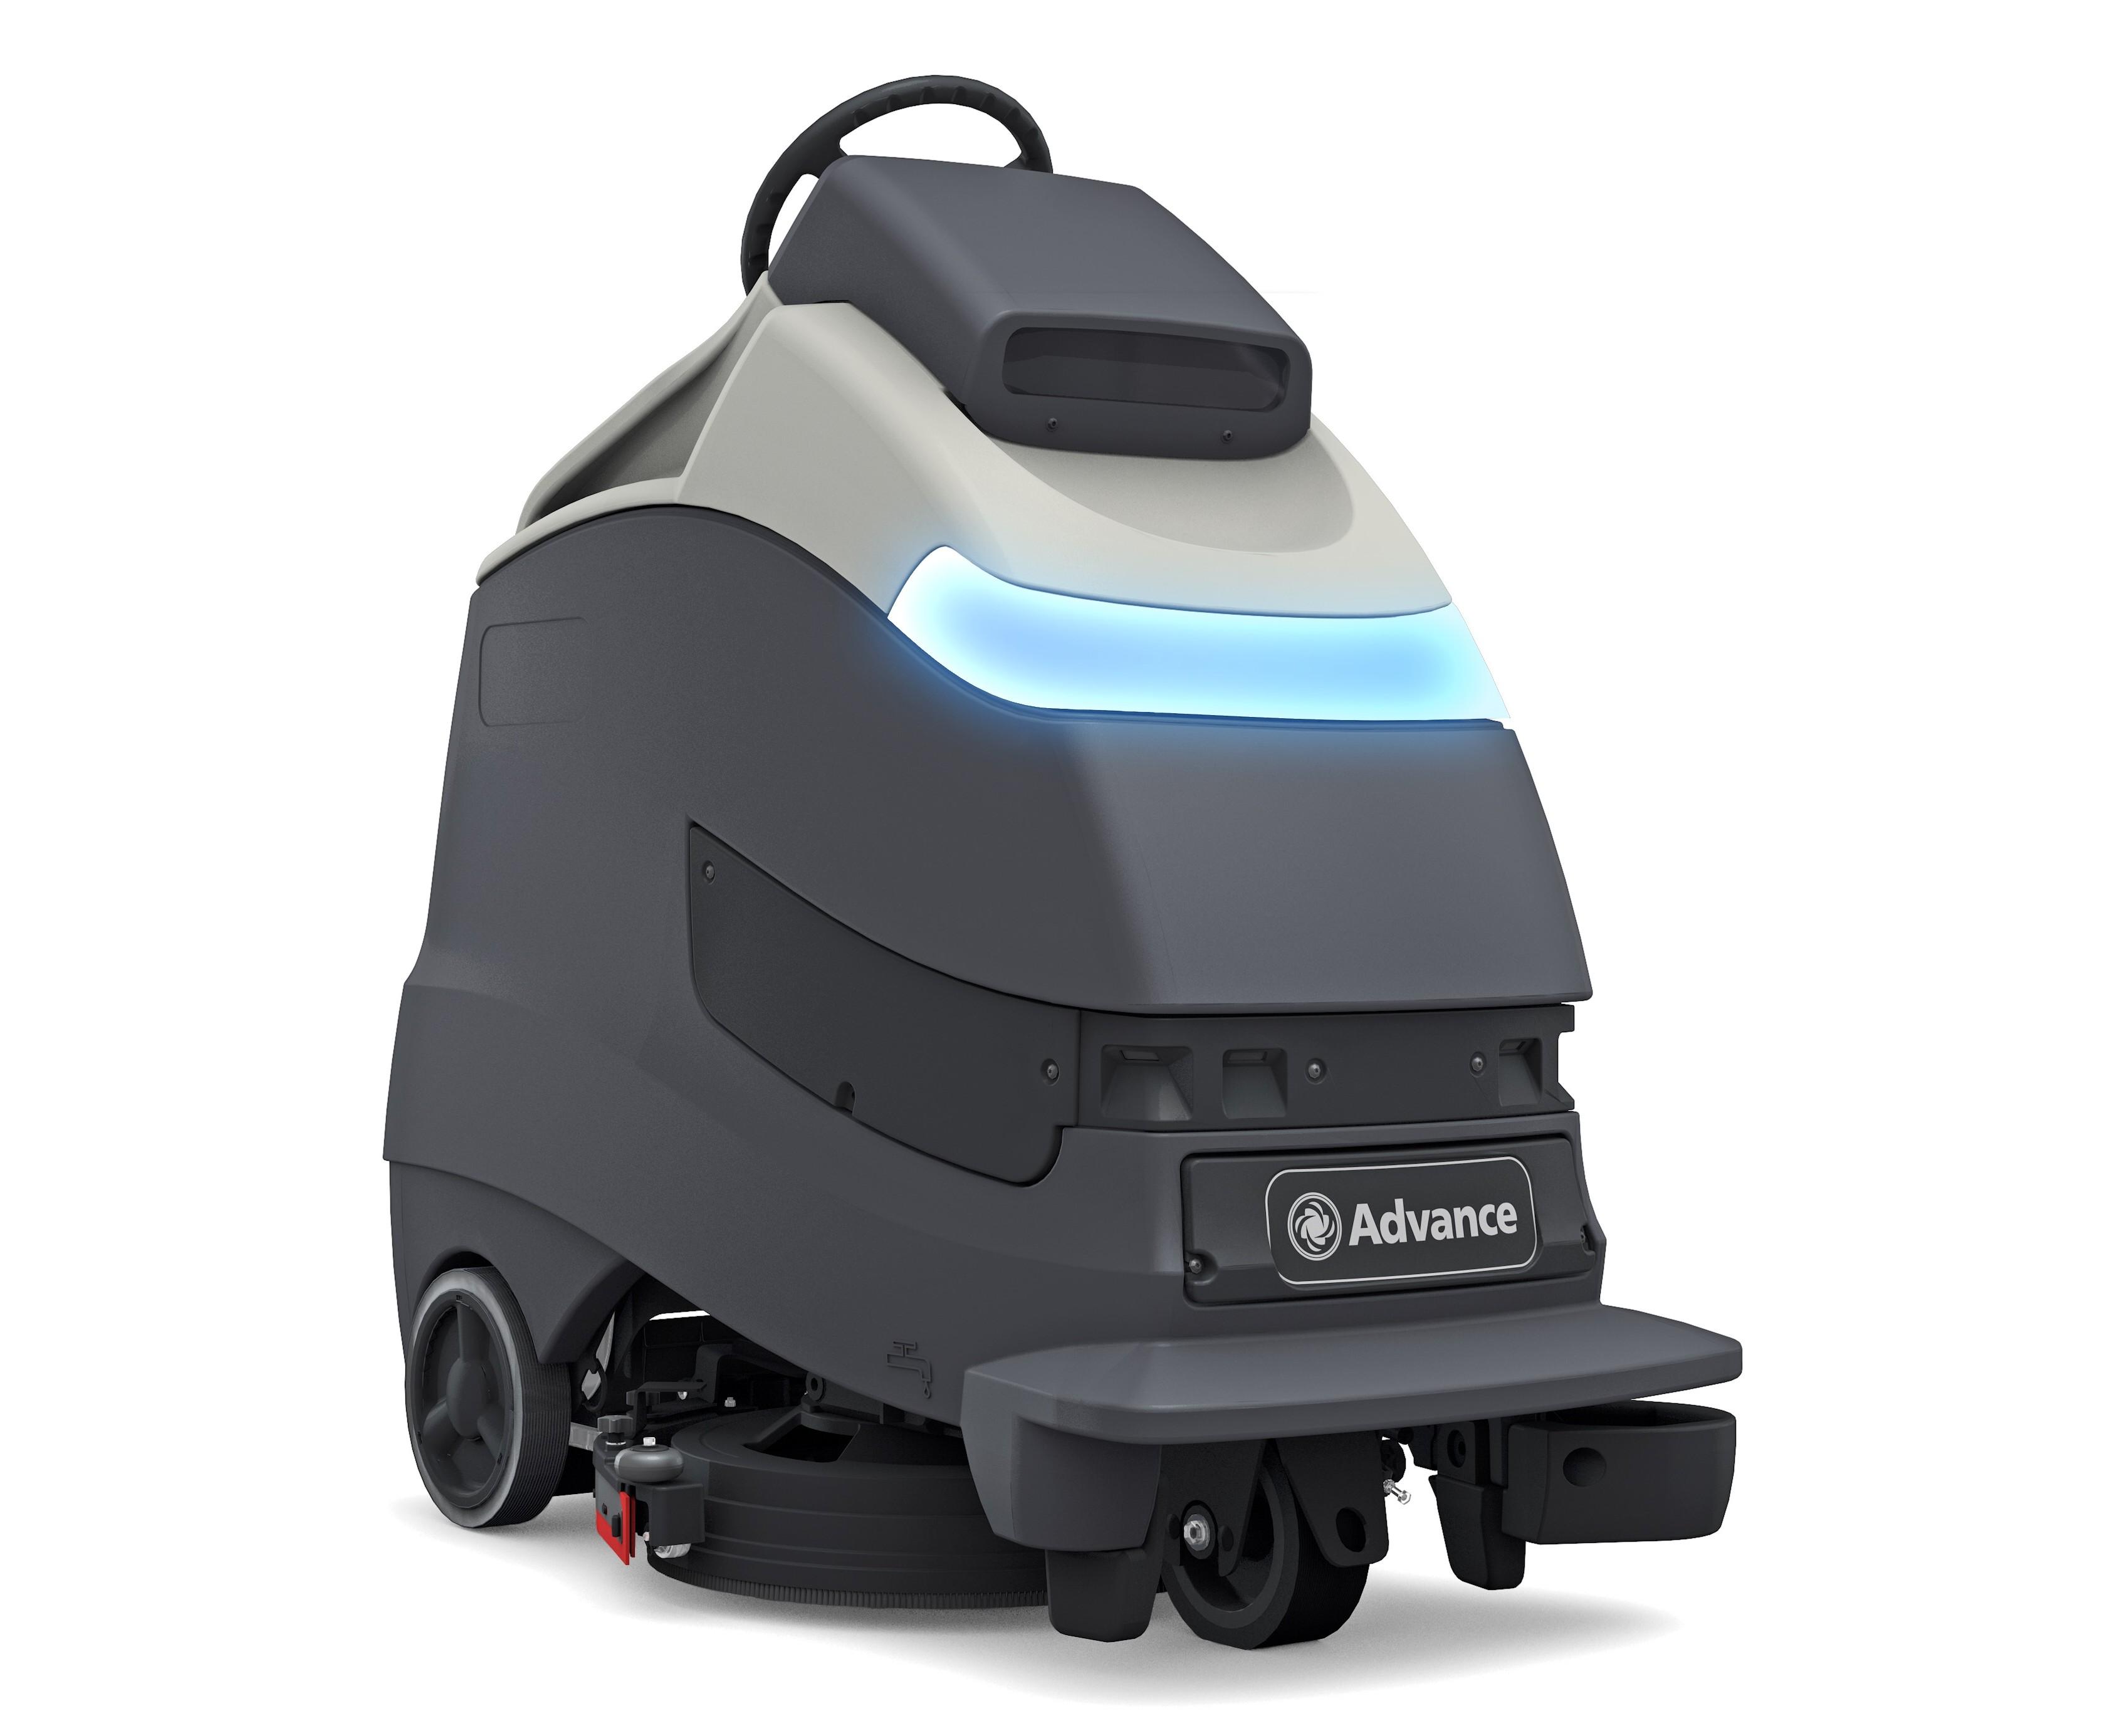 LibertyA50 autonomous scrubber